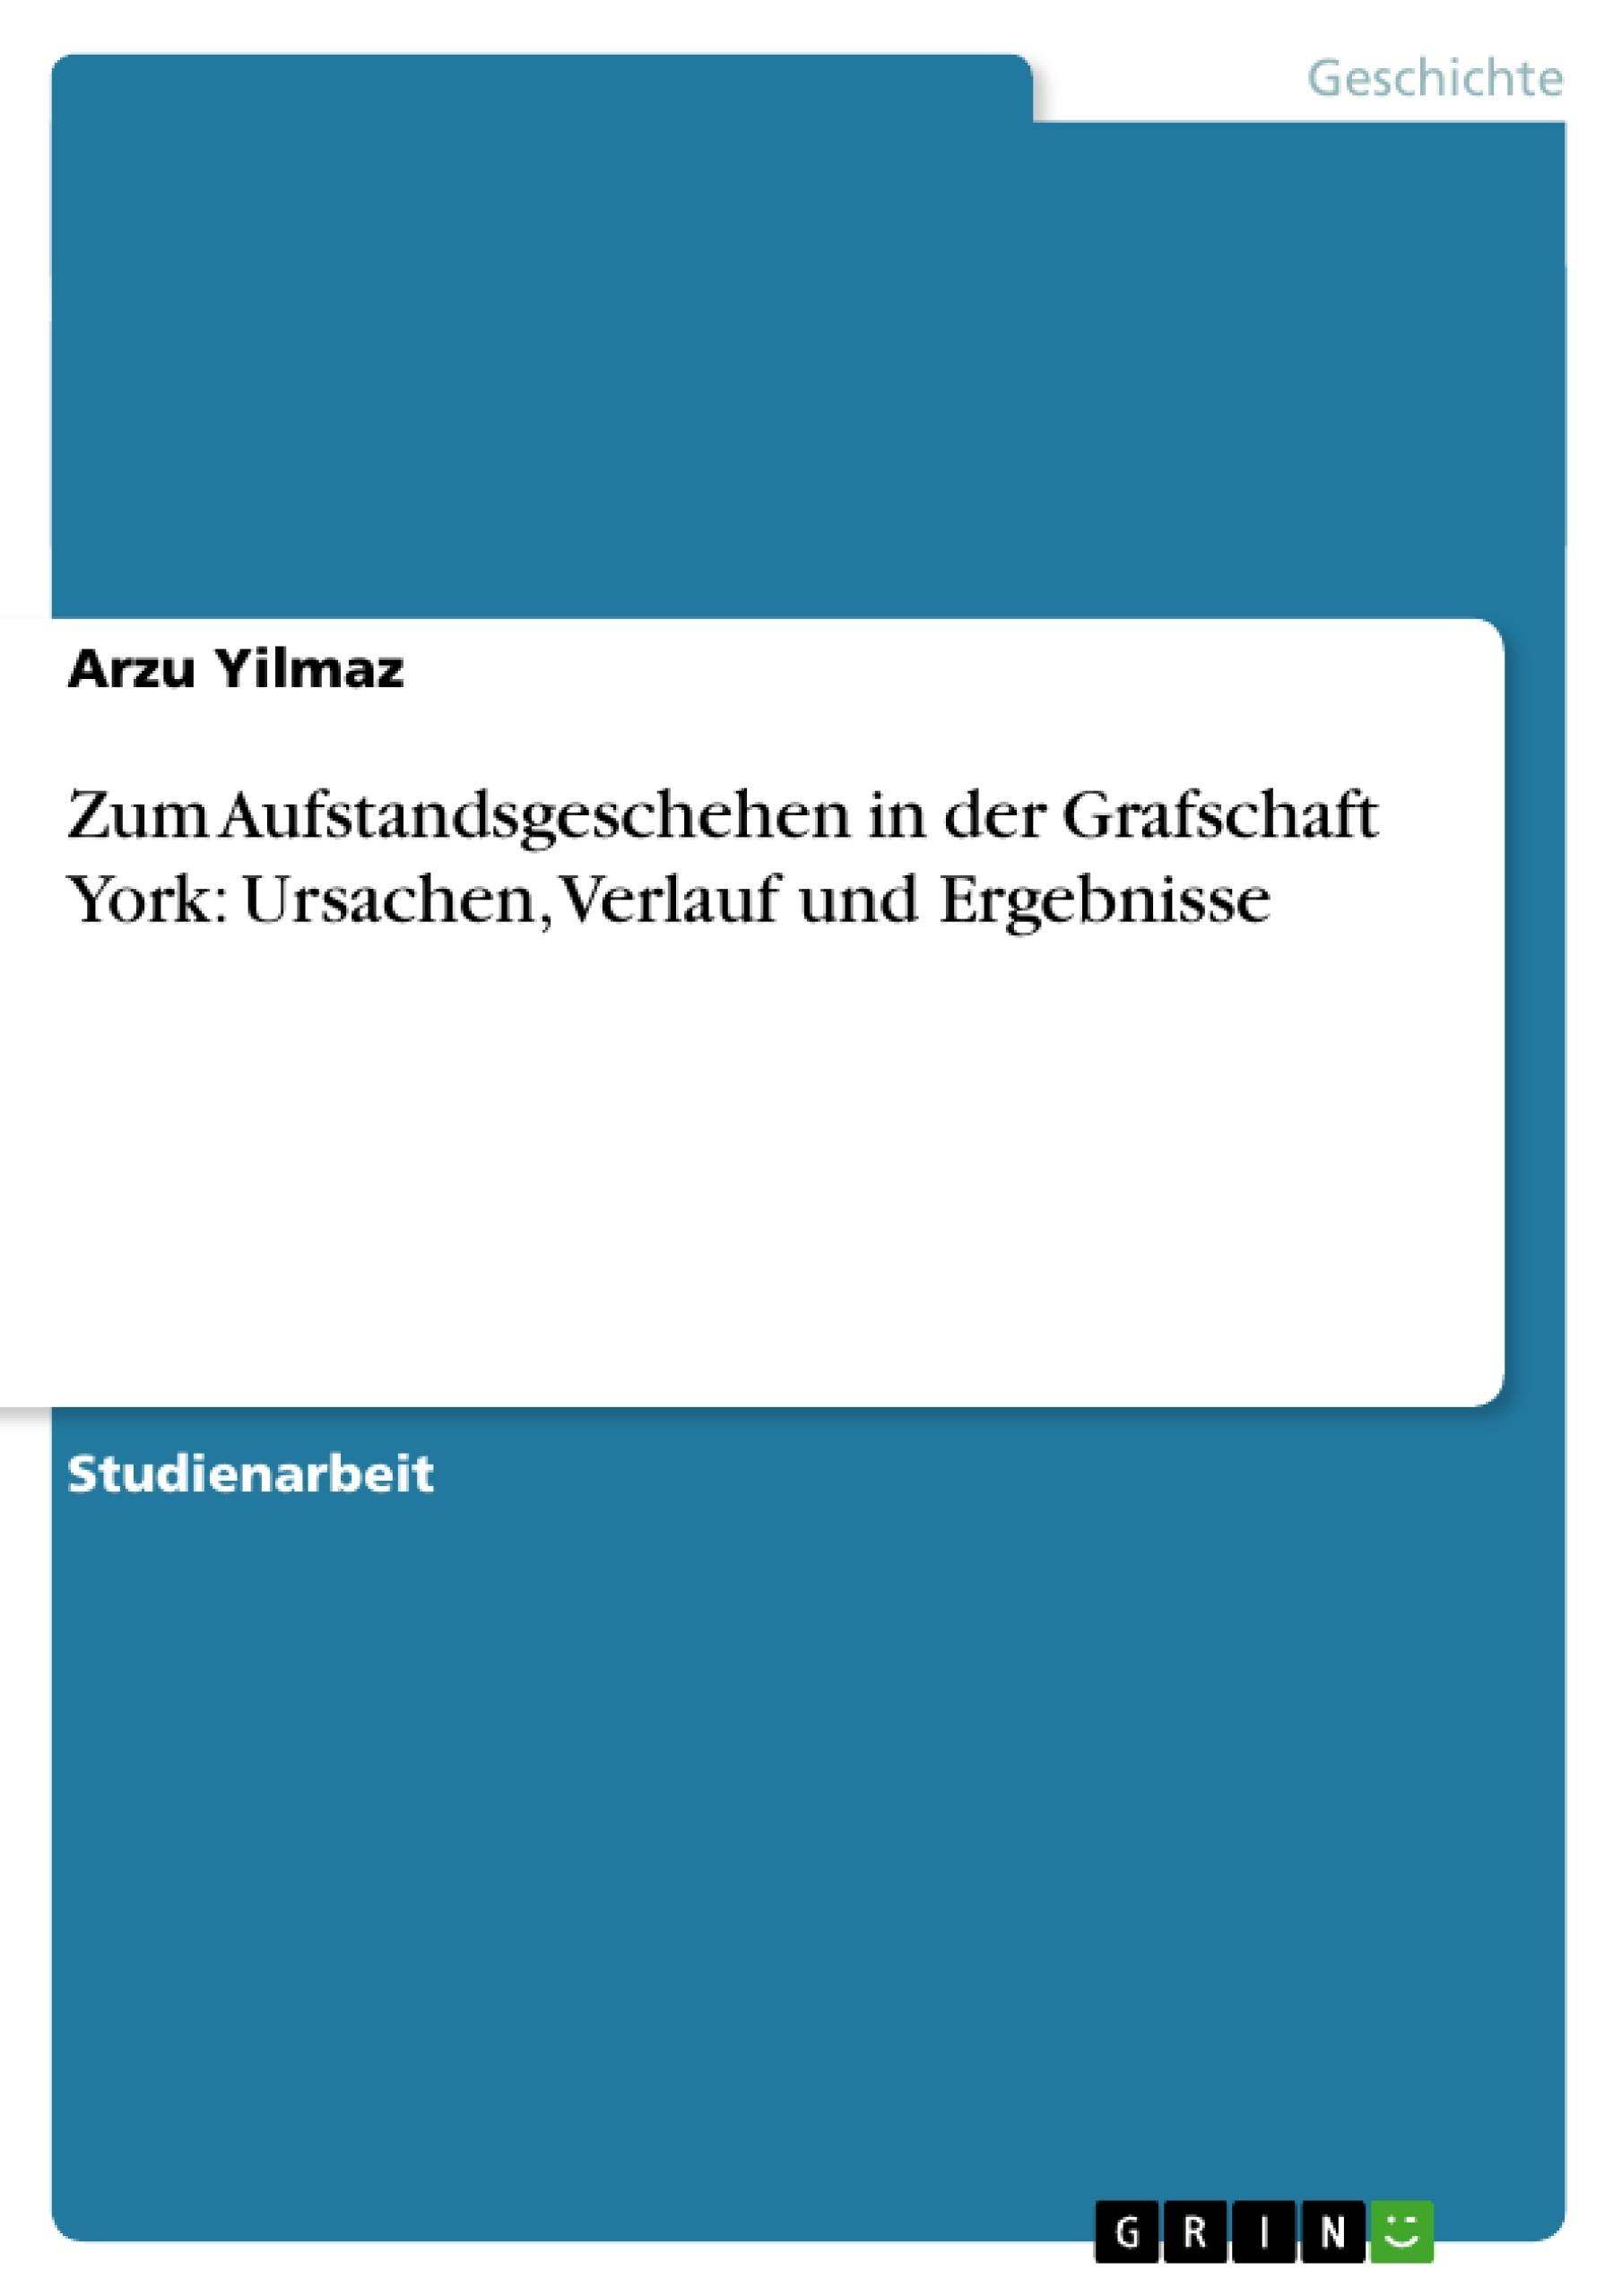 Titel: Zum Aufstandsgeschehen in der Grafschaft York: Ursachen, Verlauf und Ergebnisse